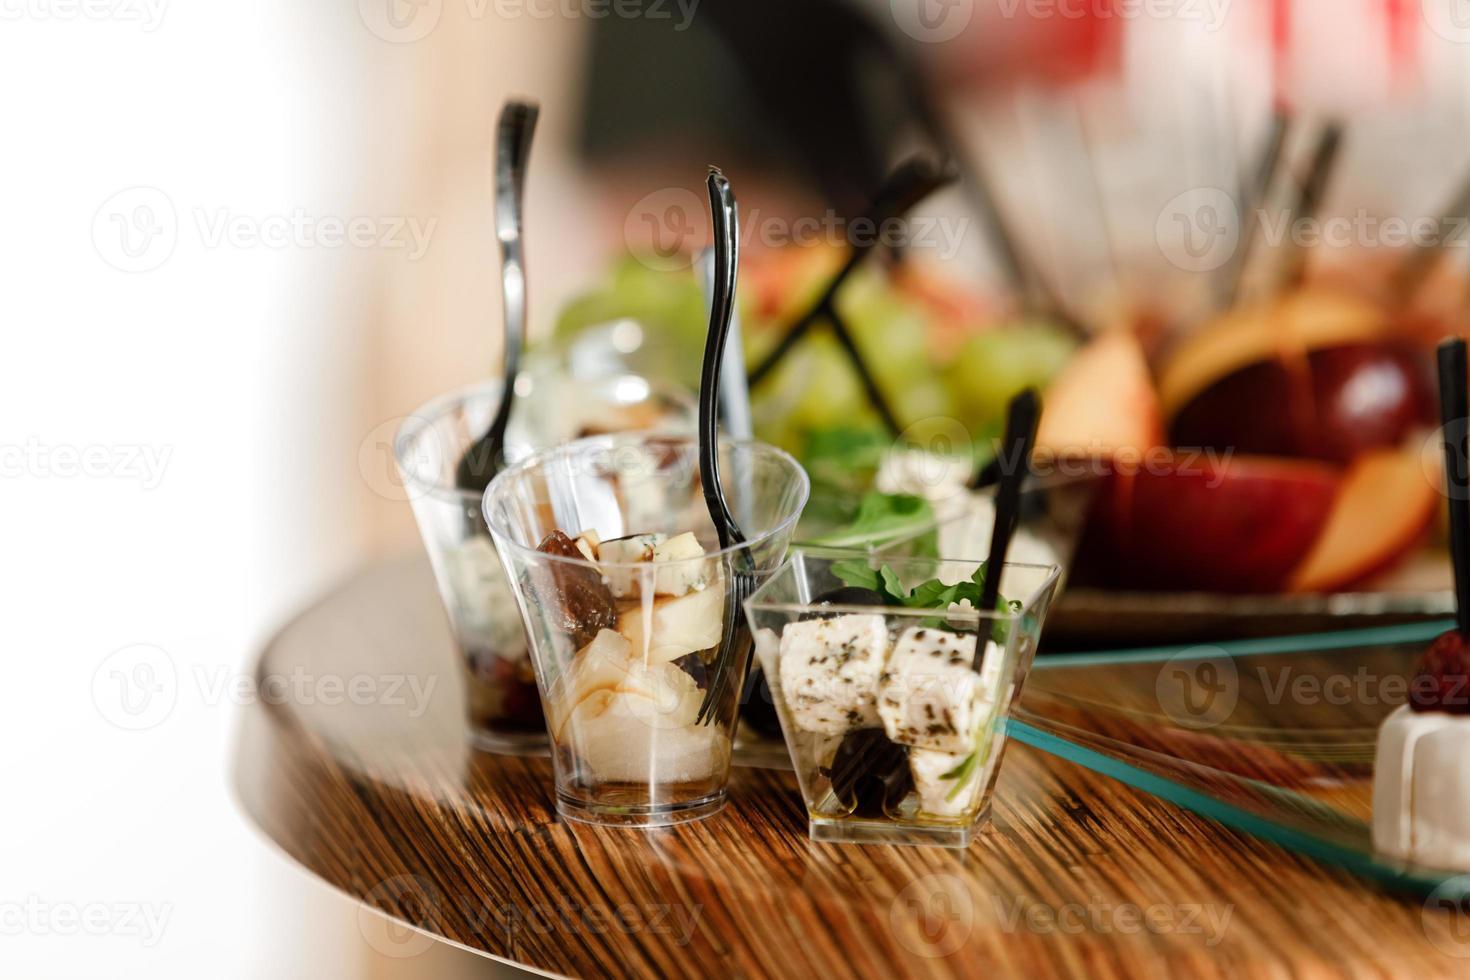 abastecimiento. alimentos para fiestas, fiestas corporativas, conferencias, foros, banquetes. diferentes tipos de quesos caros con frambuesas, aceitunas. enfoque selectivo foto